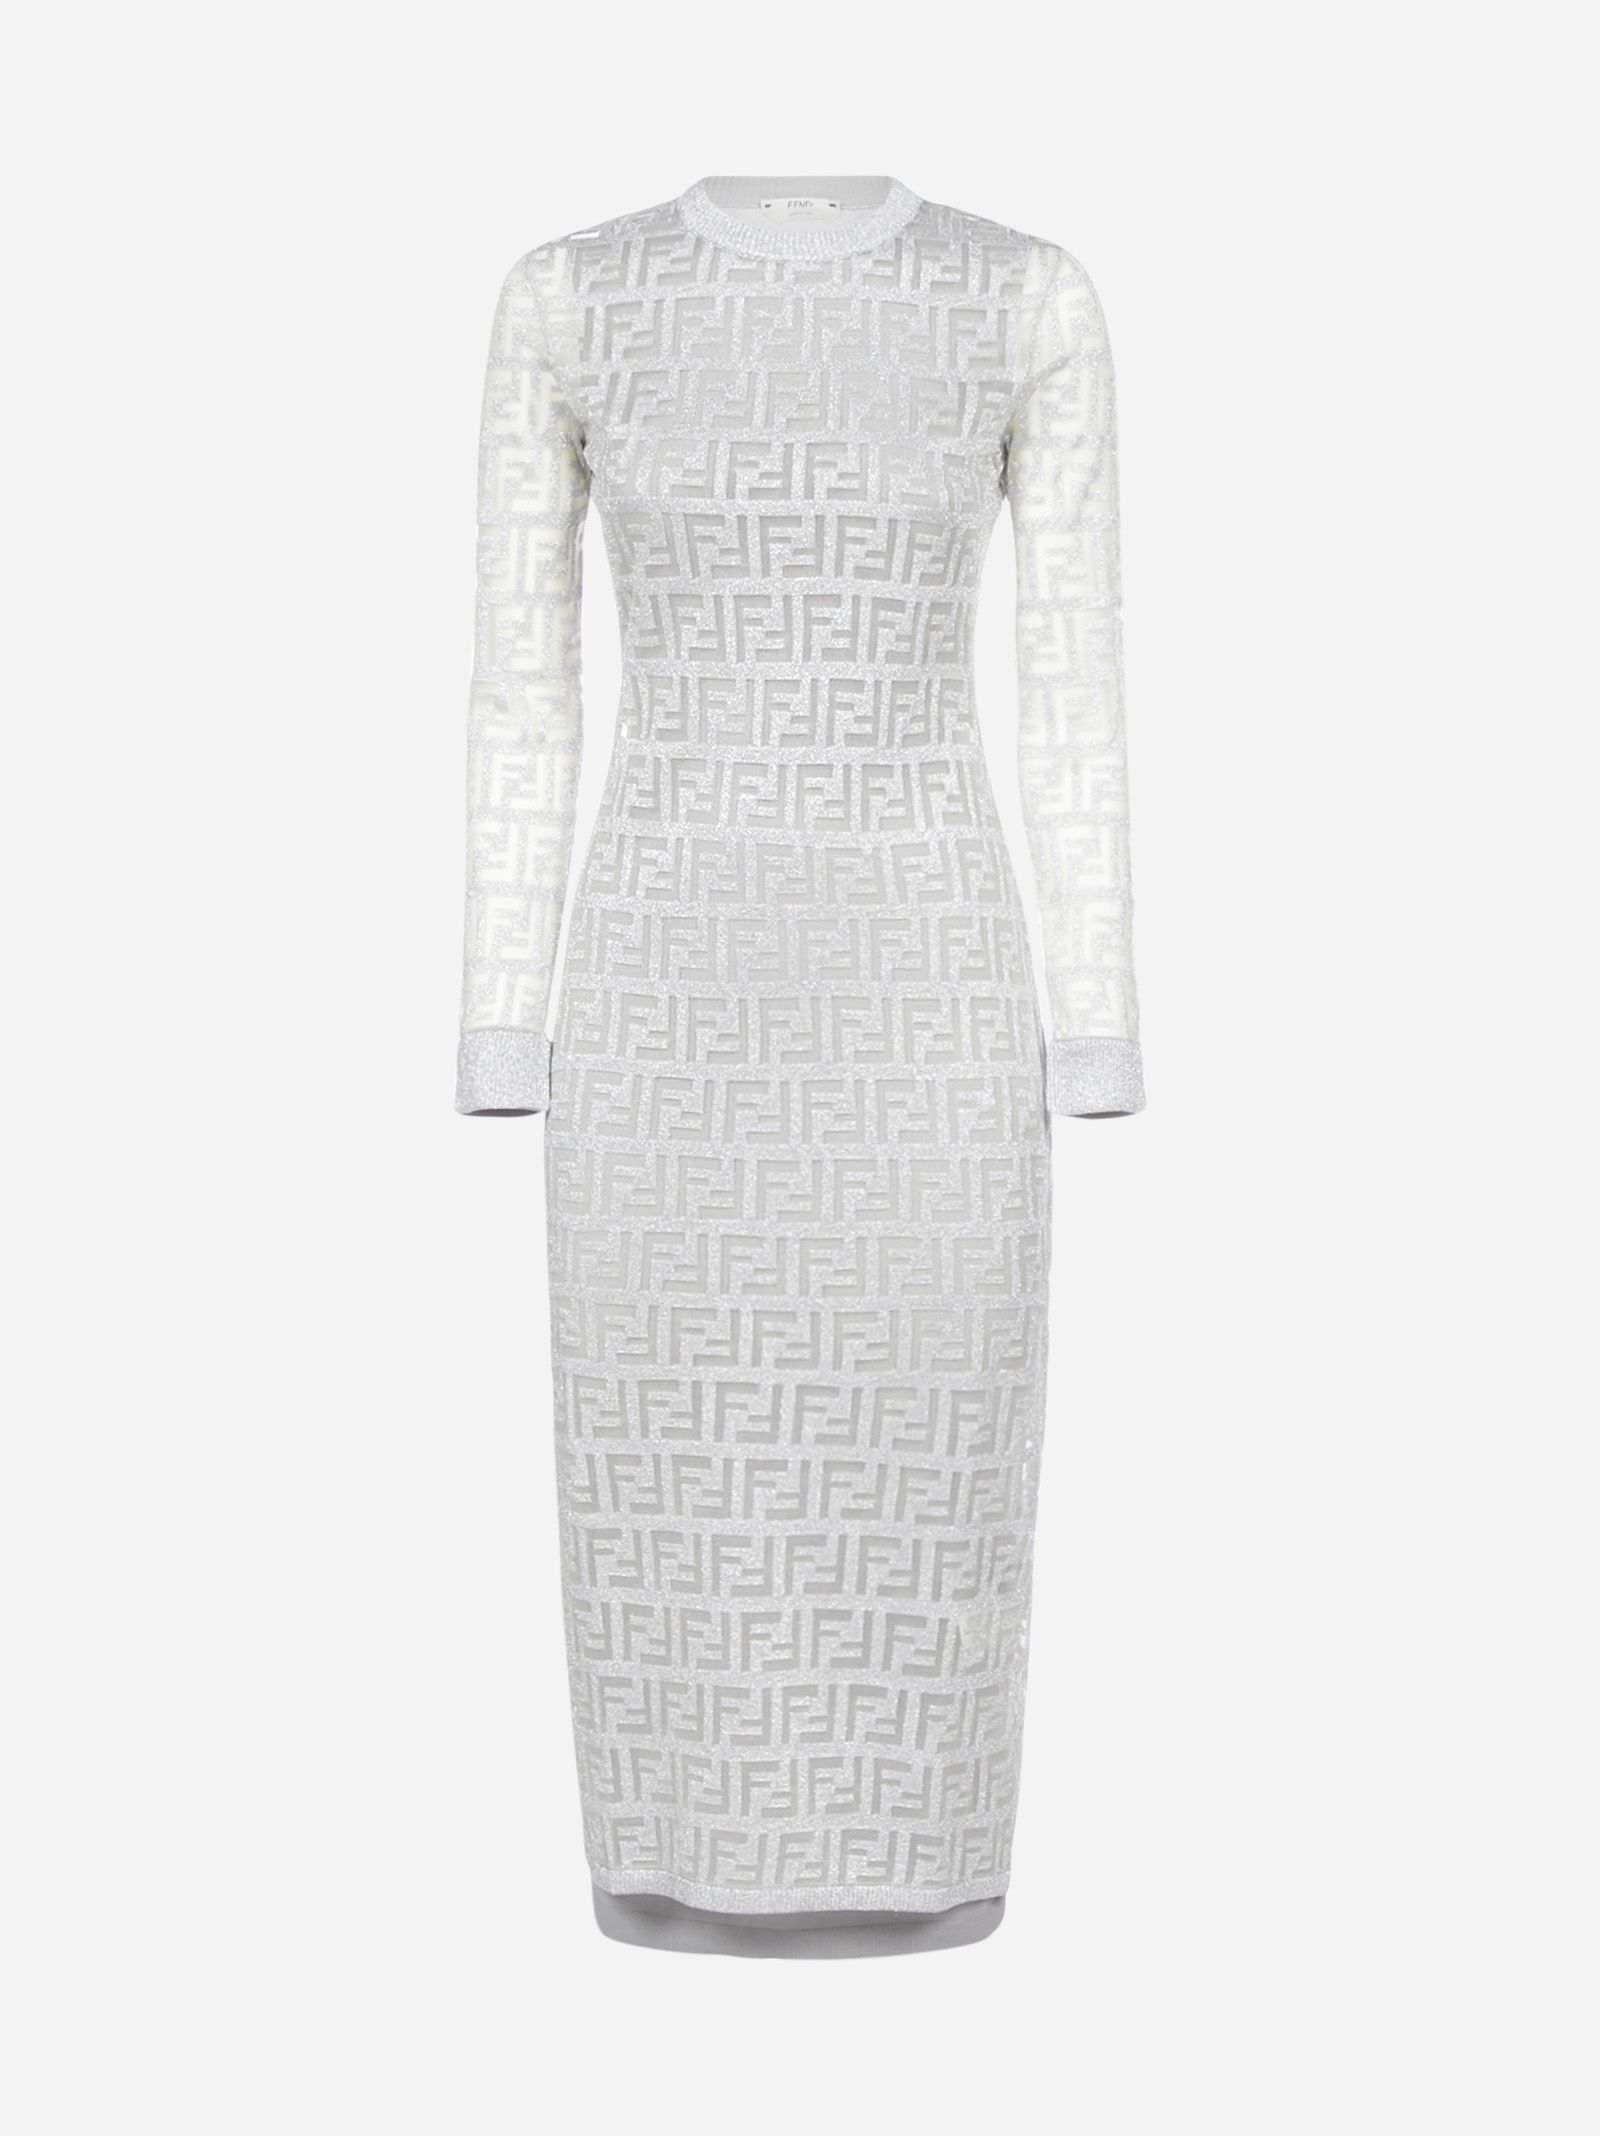 Fendi Ff Motif Lame Stretch Knit Midi Dress Fendi Cloth Knit Midi Dress Sweater Dress Women Dresses [ 2136 x 1600 Pixel ]